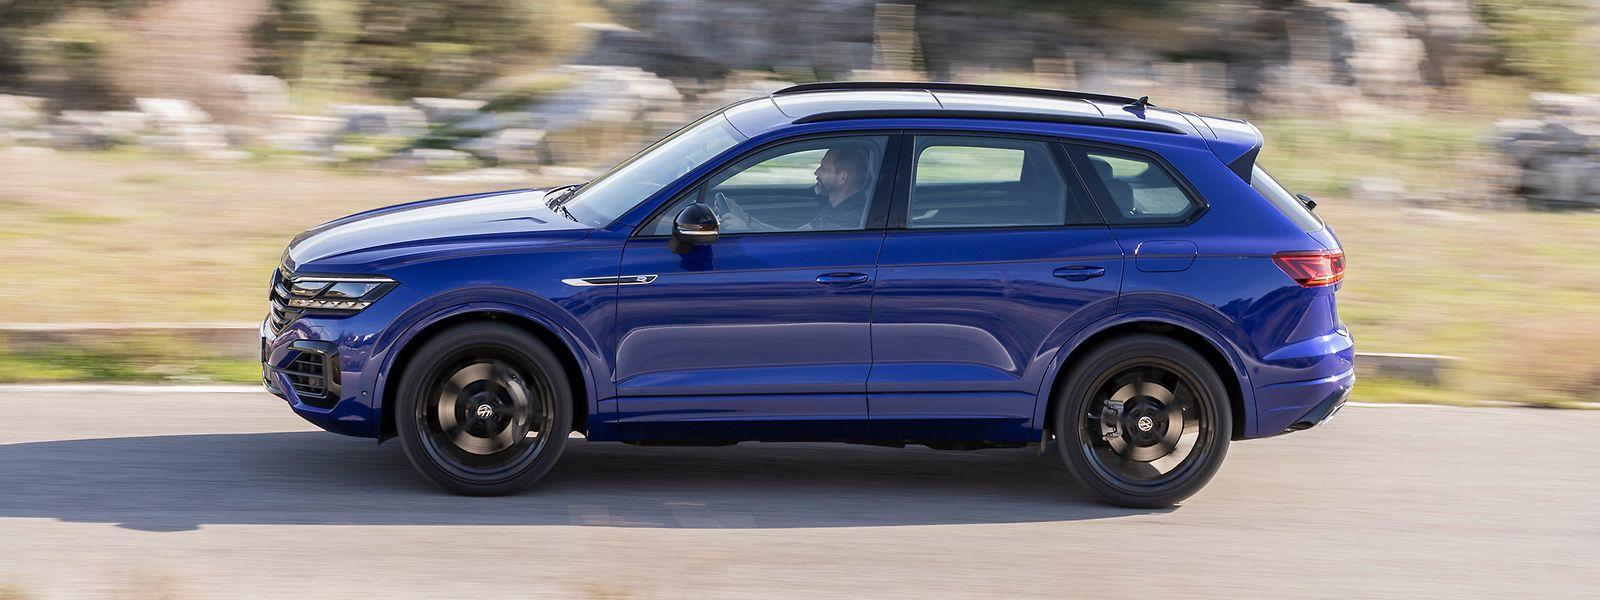 Der VW Touareg R weckt Lust am nachhaltigen Cruisen und macht mit seinem elektrischen Boost gleichzeitig Spaß.